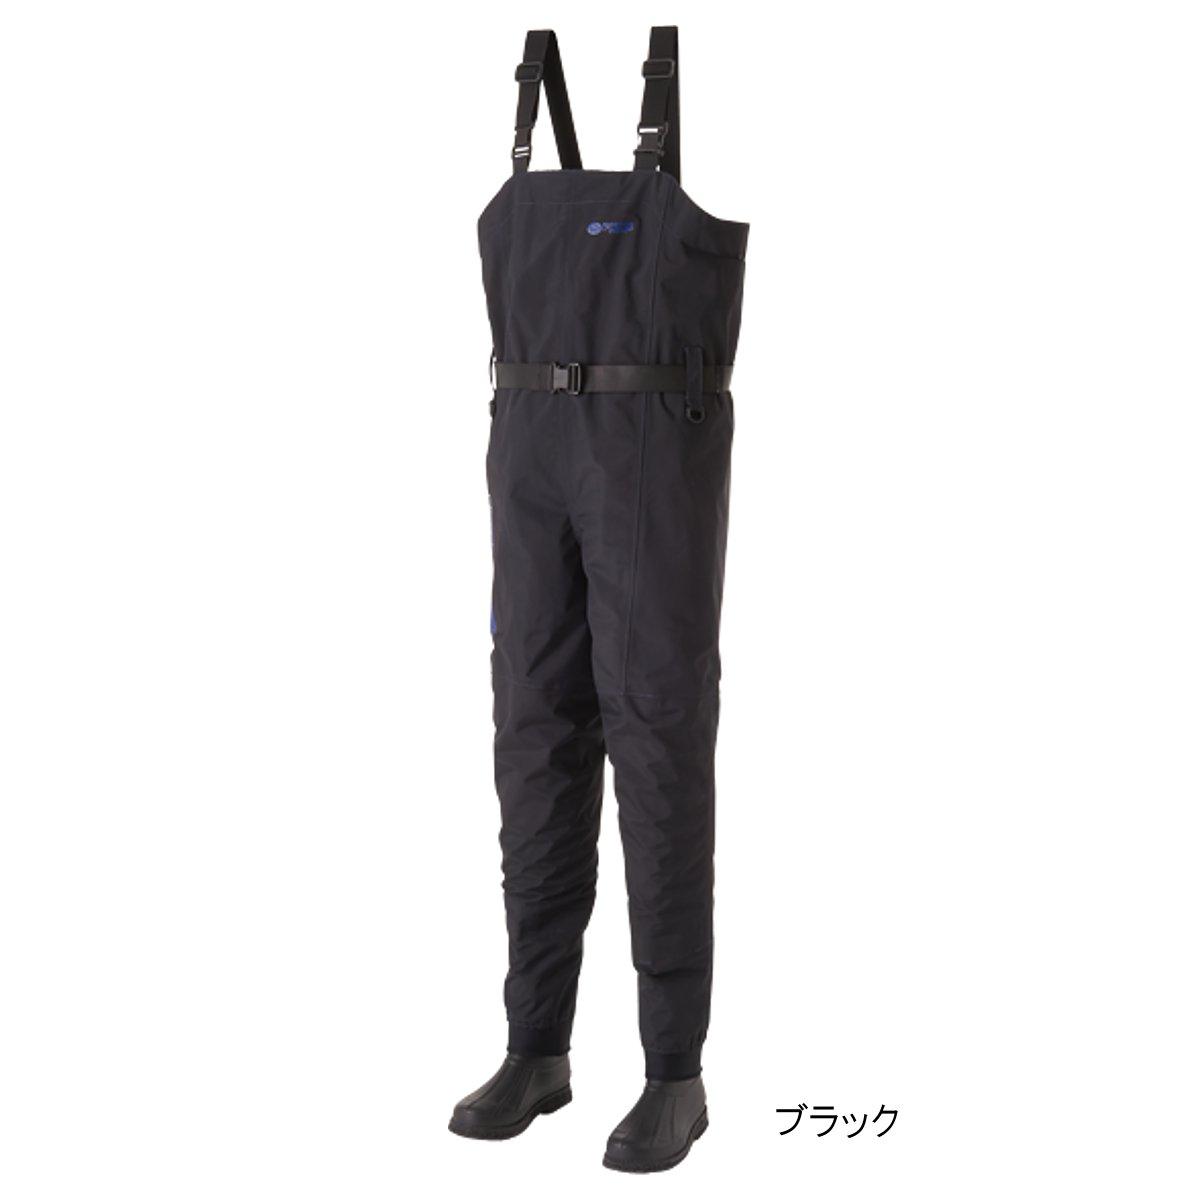 RBB タイドウォーカーIII No.8784 M ブラック【送料無料】